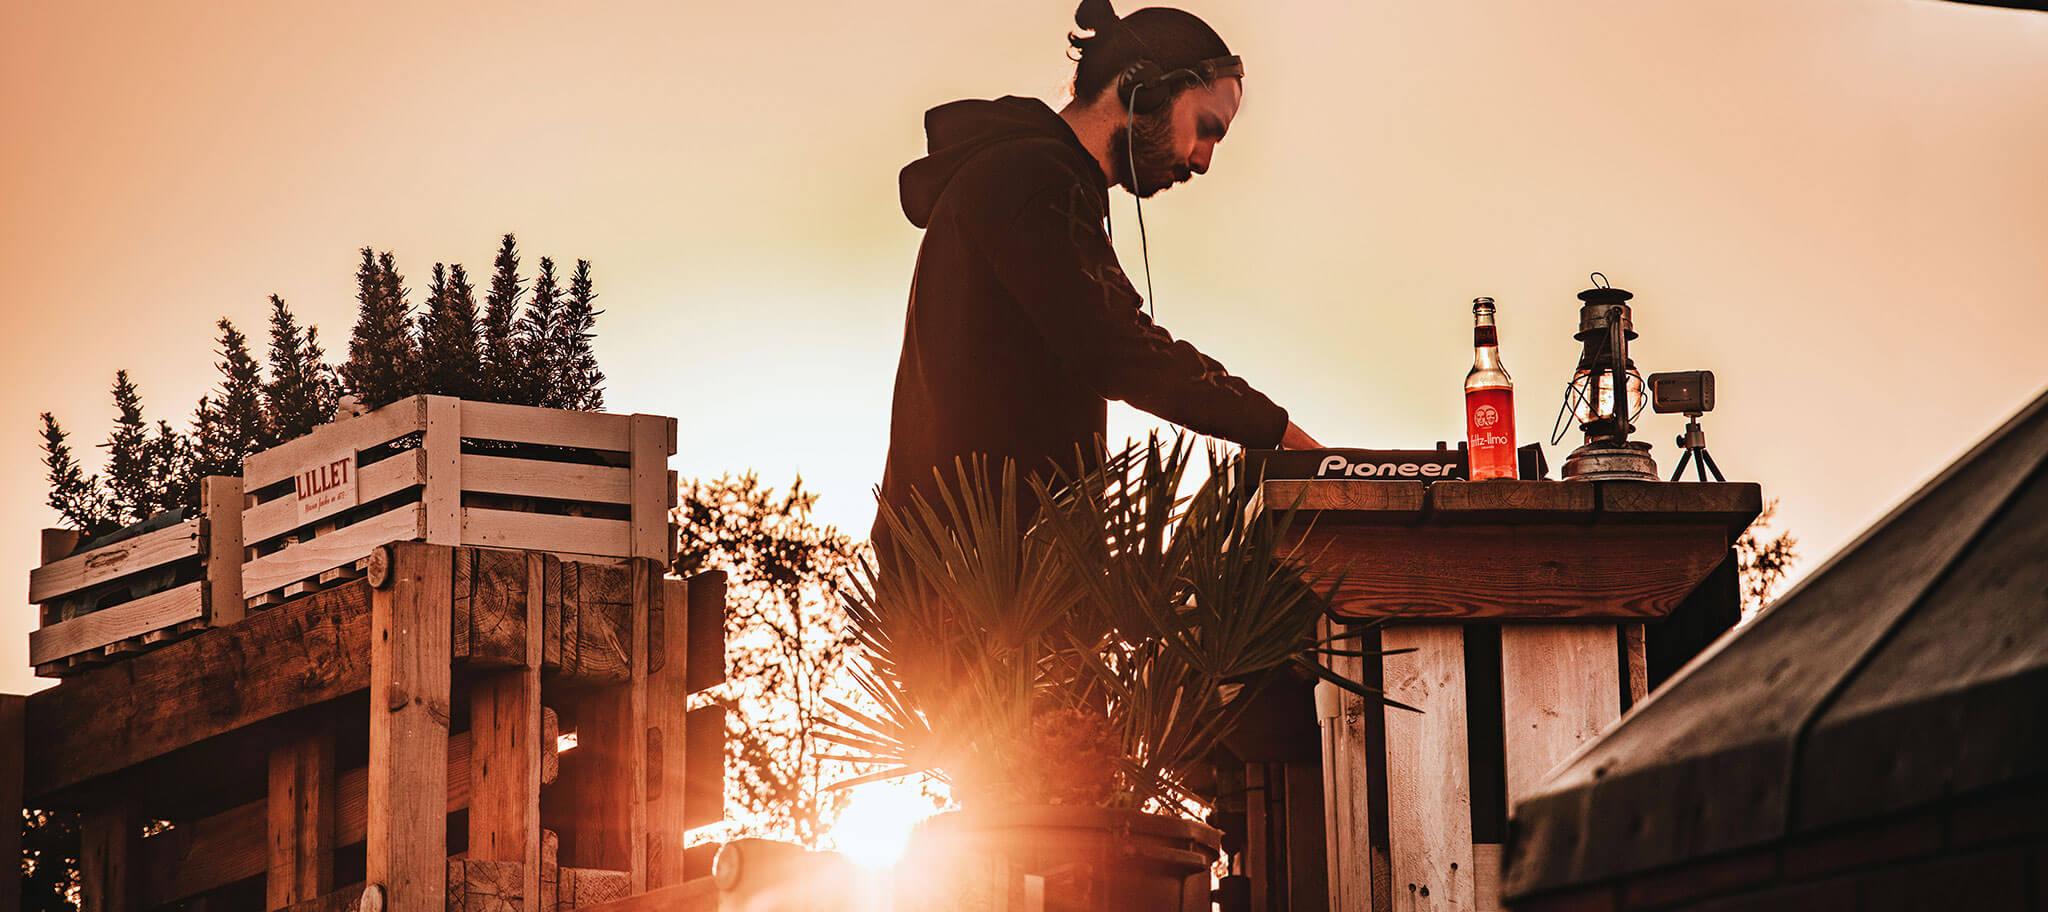 Sonnenuntergang und Musik beim Livestream